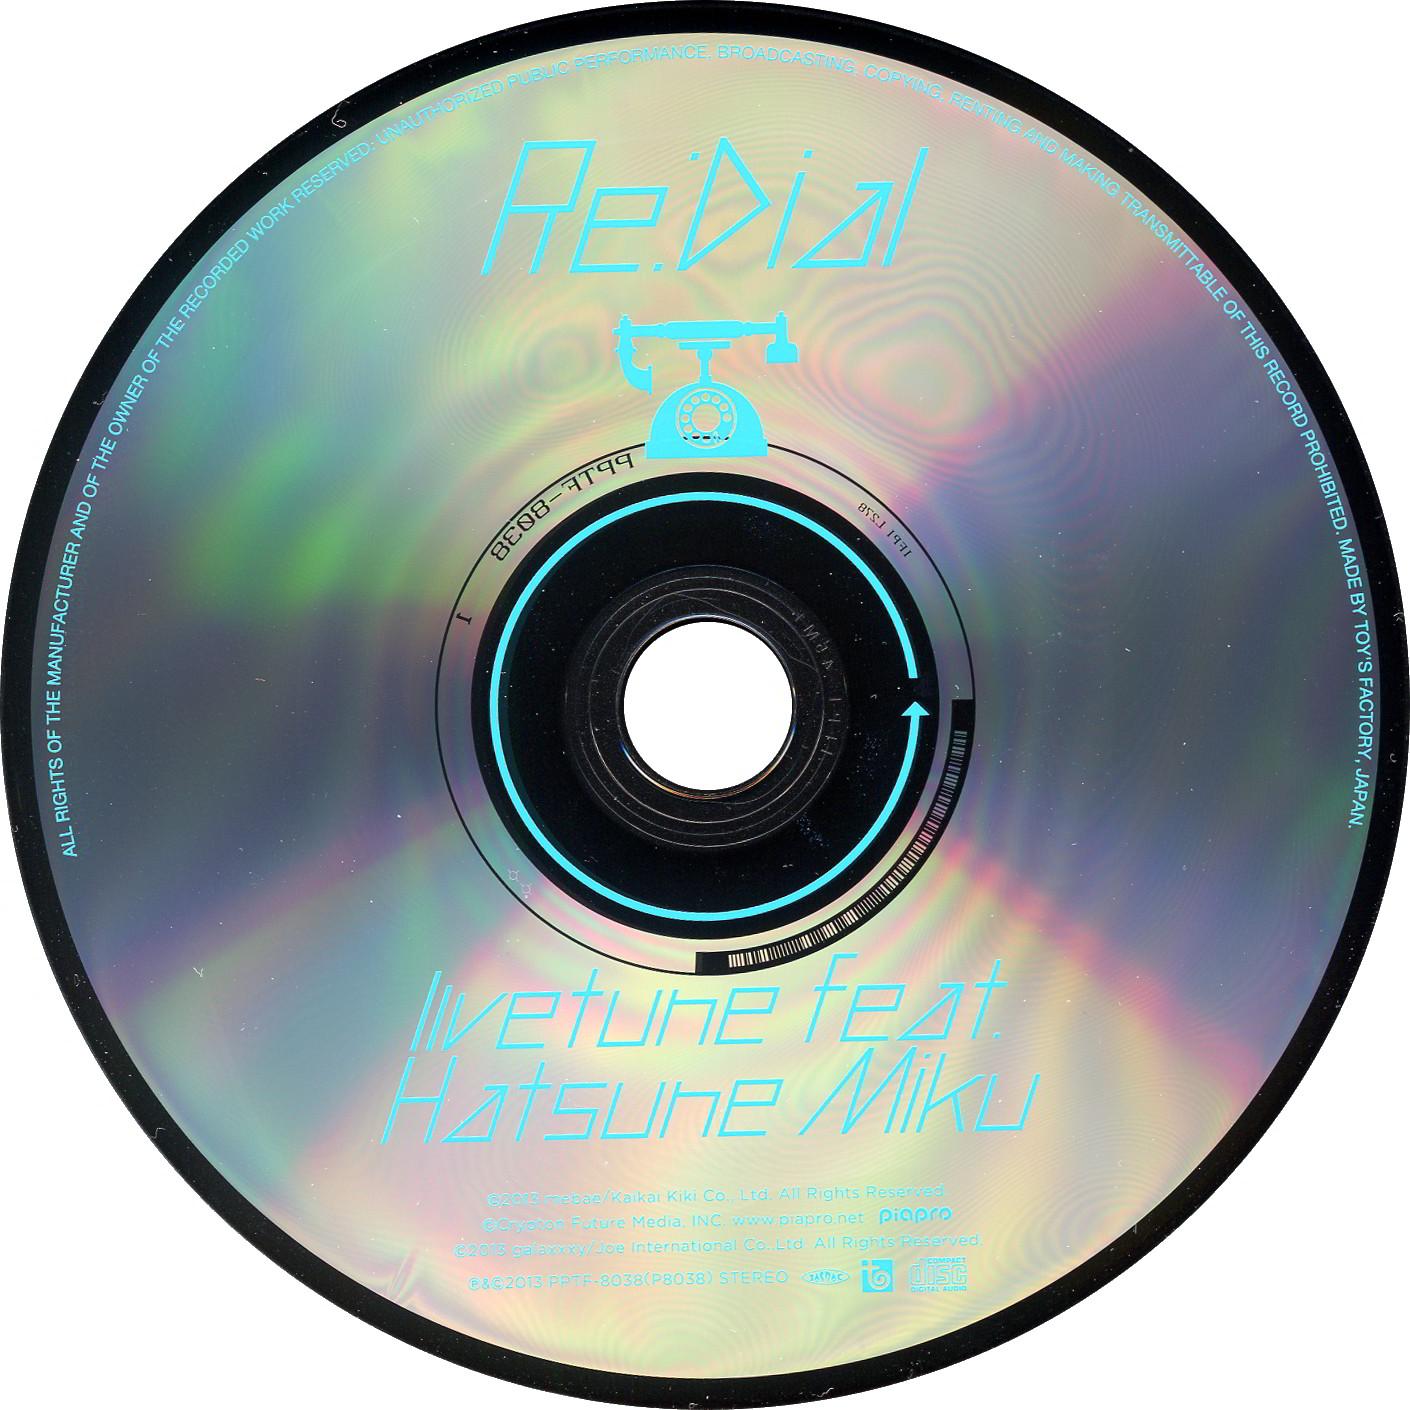 Смотреть фильм Гадкий я 3 2016 онлайн в hd